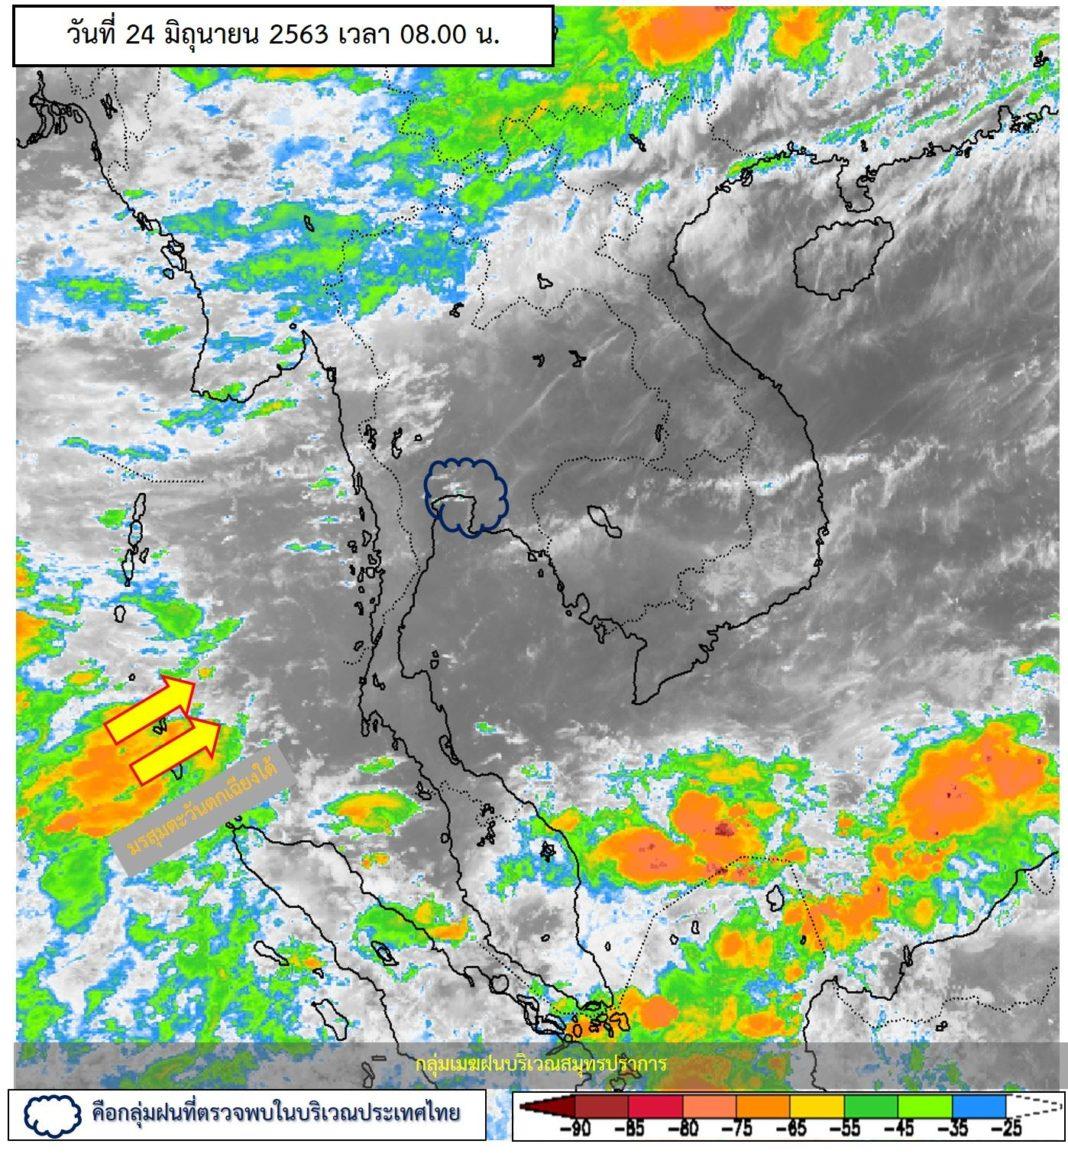 พยากรณ์อากาศประจำวันที่ 24 มิถุนายน 2563